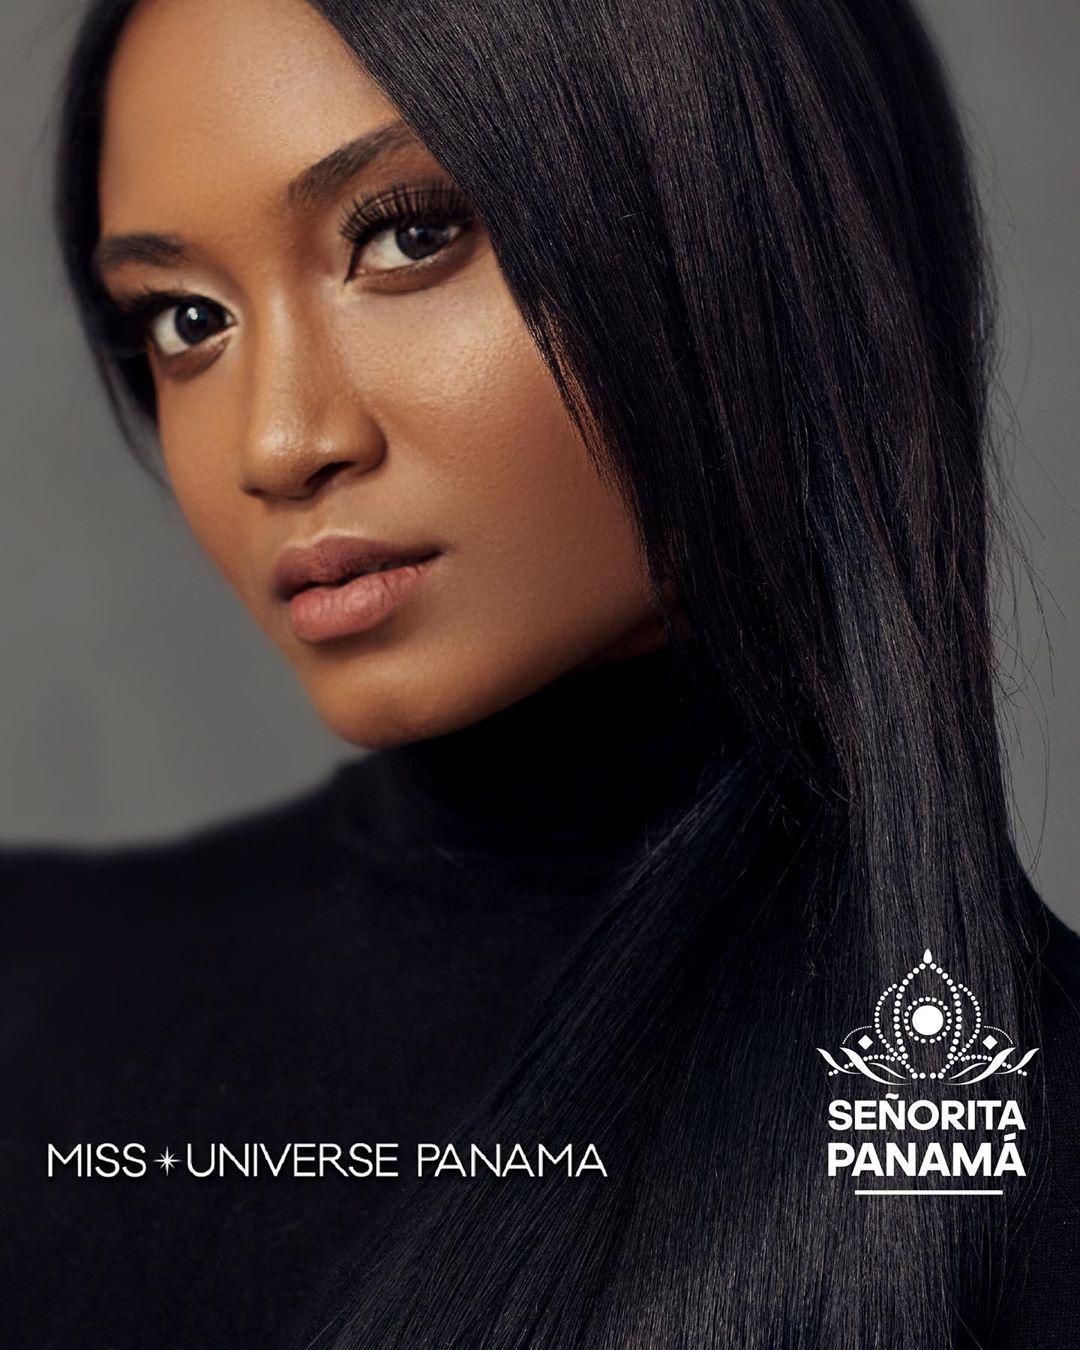 candidatas a senorita panama 2020. final: 16 may. IiGZkc